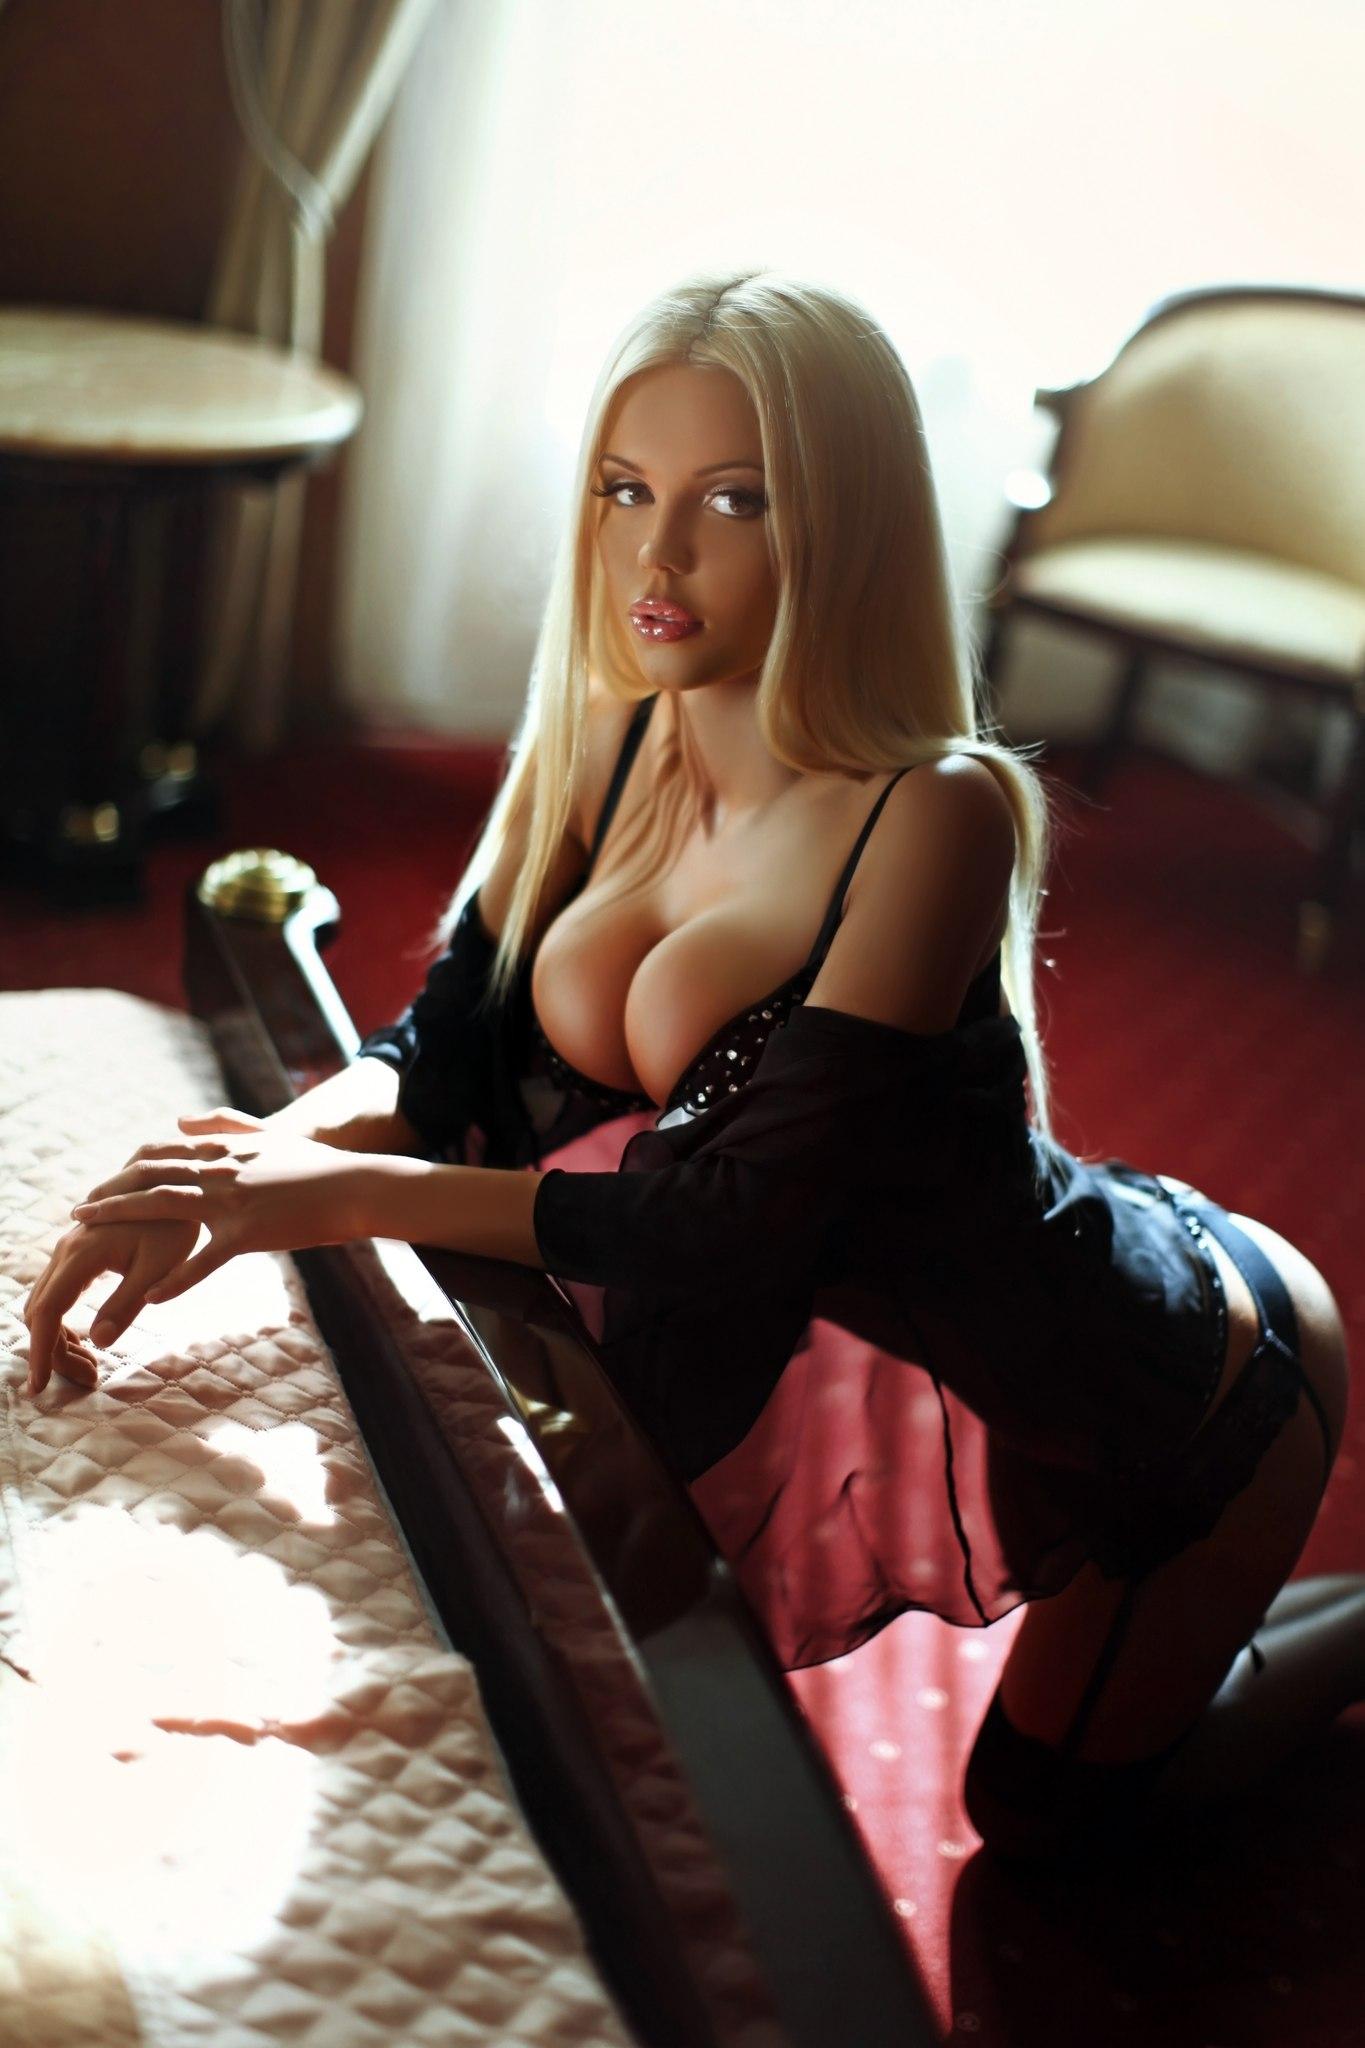 Сумасшедше сексуальная девушка 14 фотография